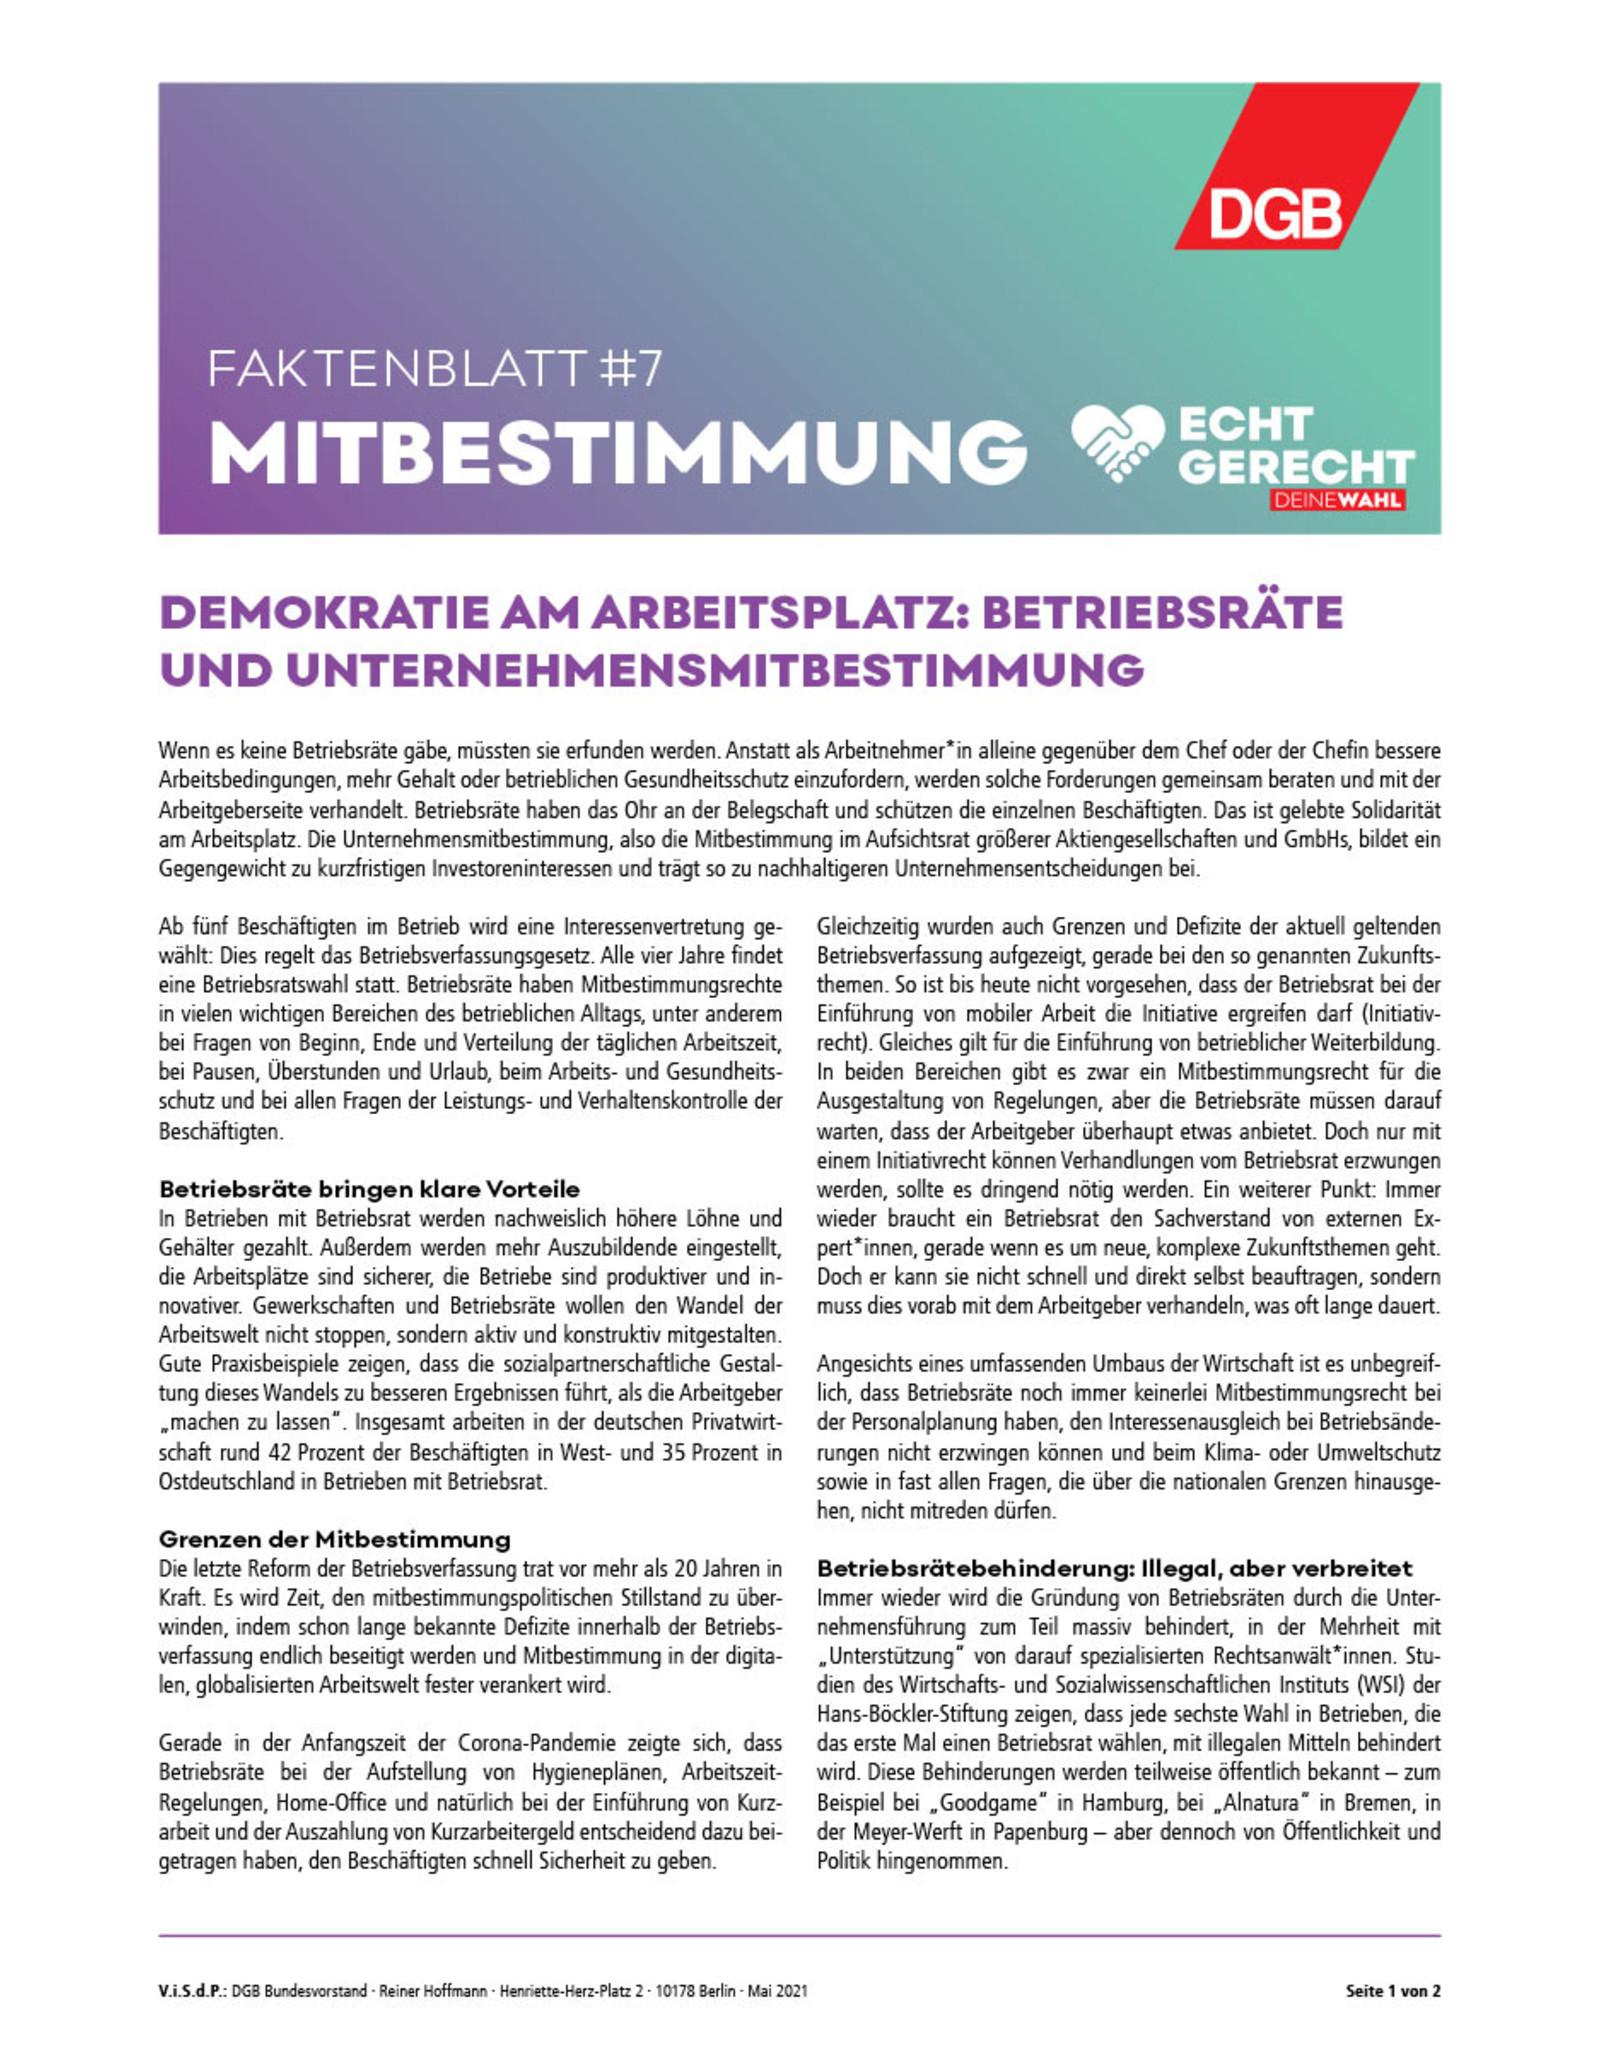 """Faktenblatt #7 Mitbestimmung zur Bundestagswahl-Kampagne """"Echt gerecht"""" 2021"""